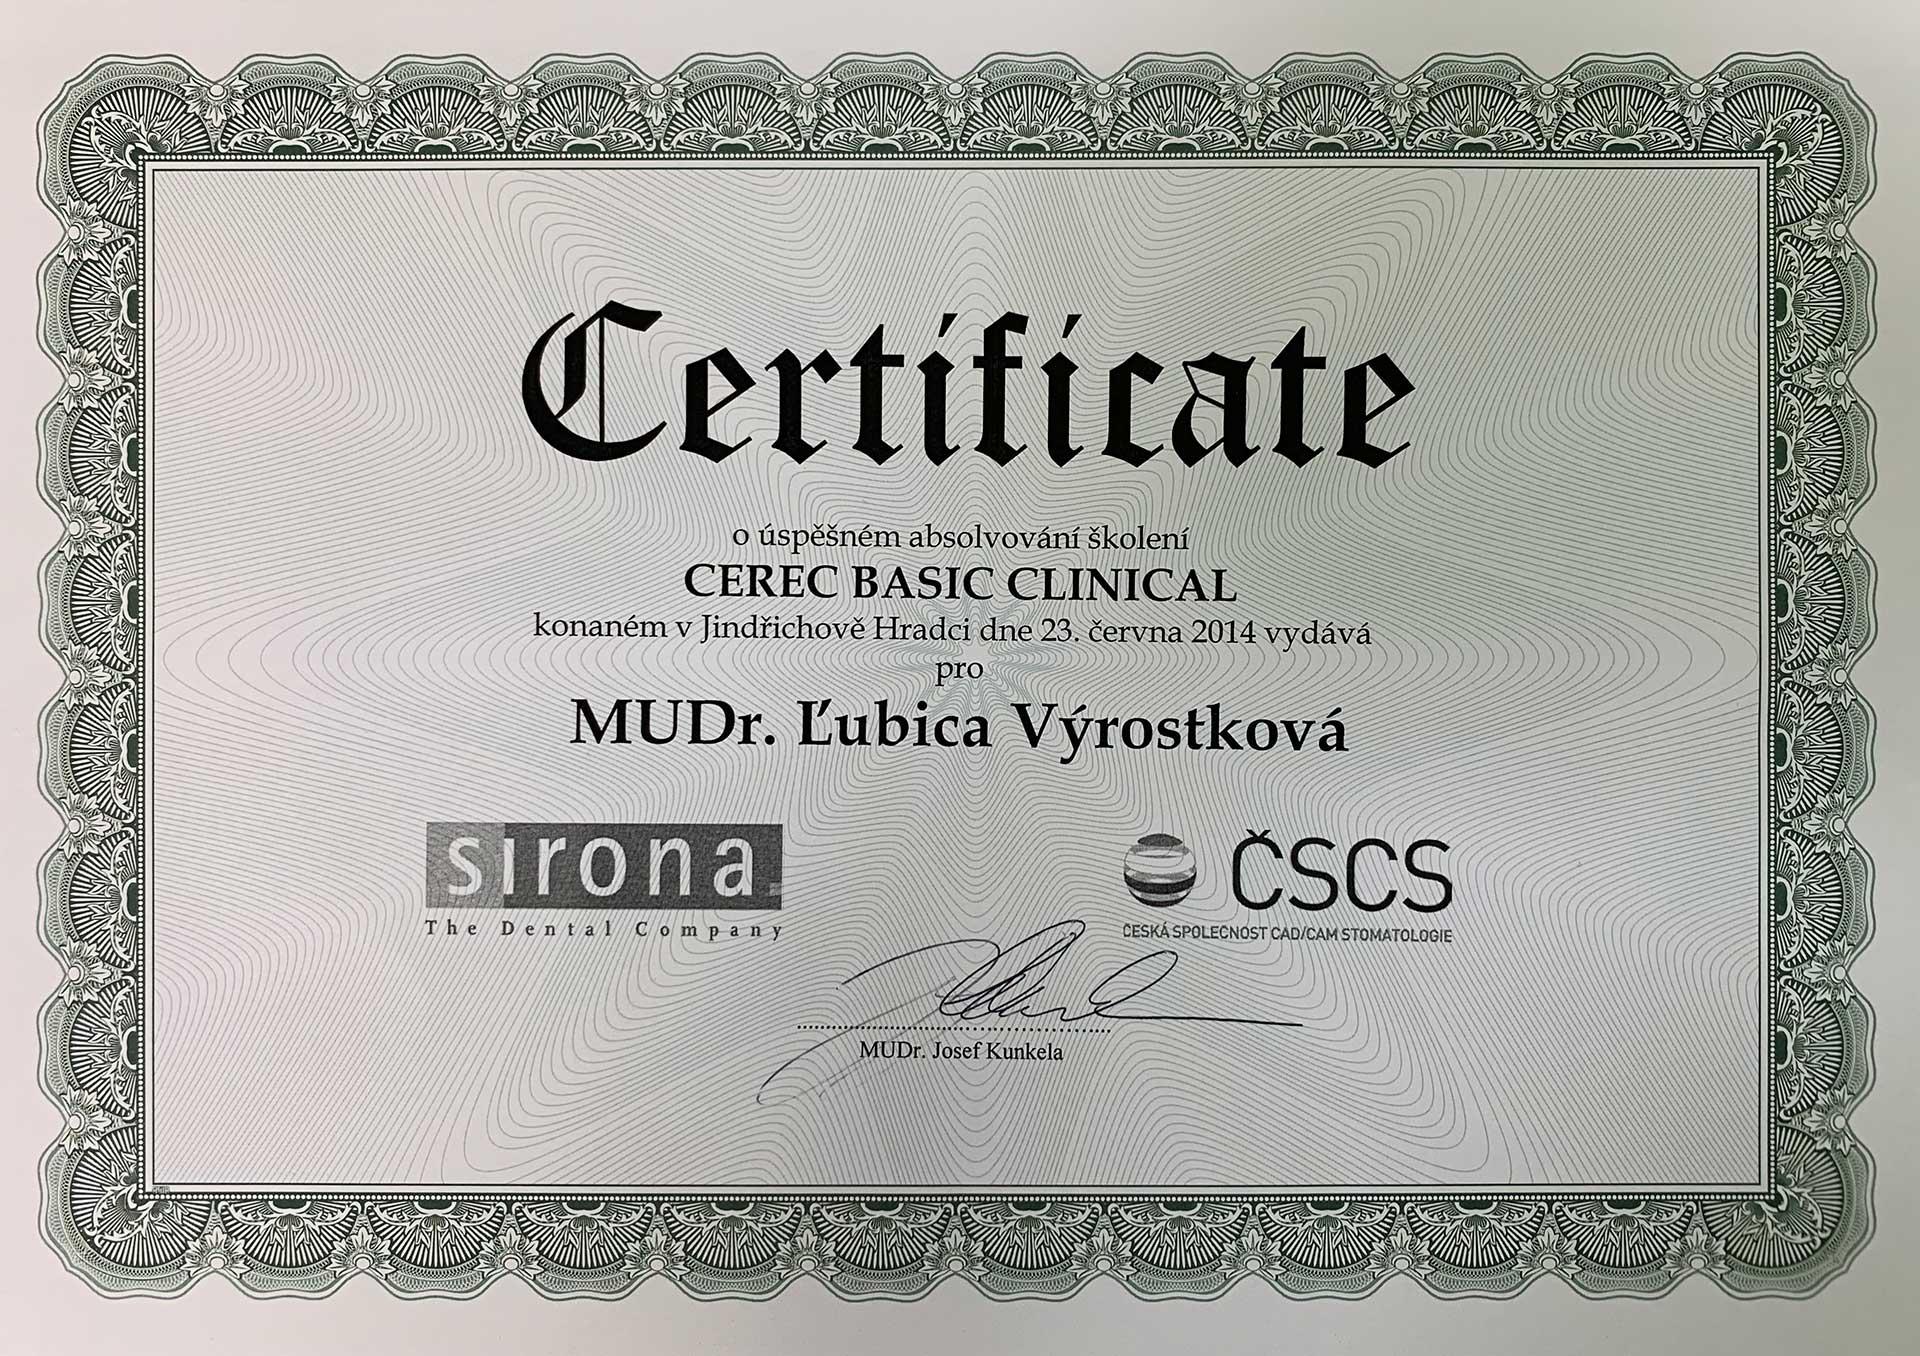 cerec certifikát lubica výrostková